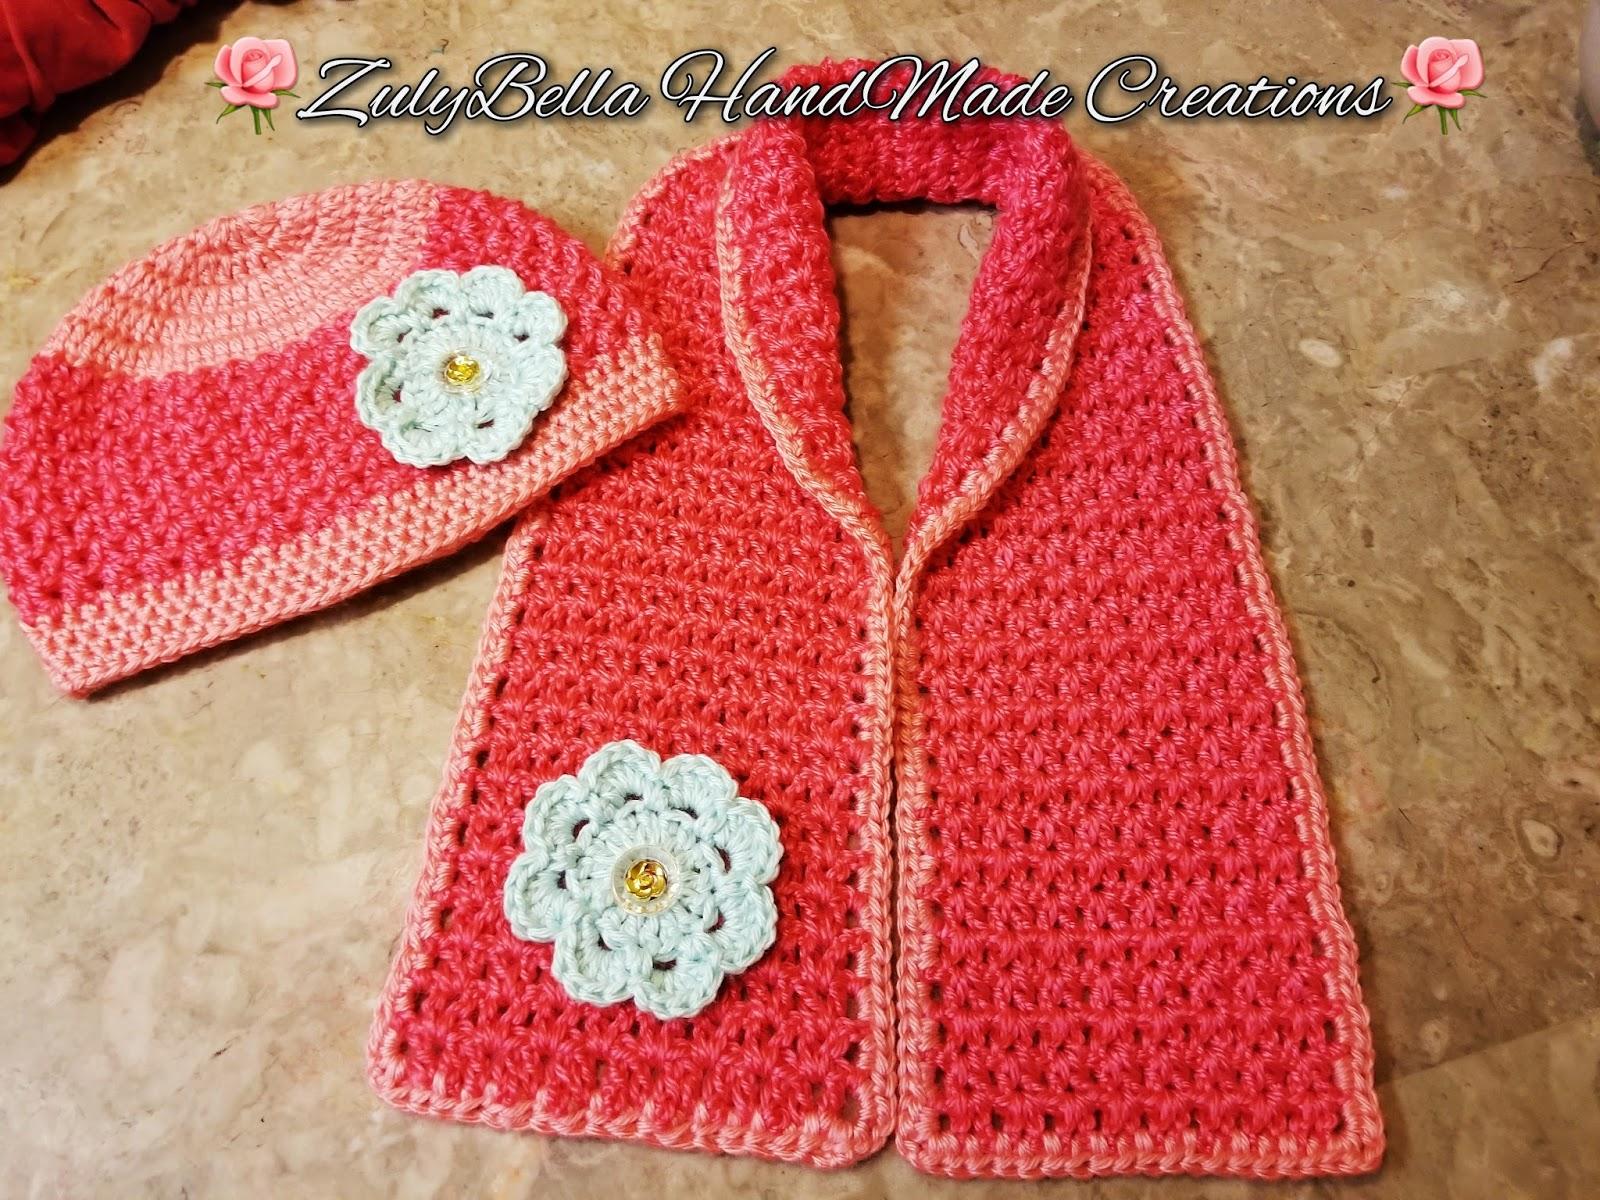 Bufanda y Gorro a Crochet - Facil de Tejer - Paso a Paso